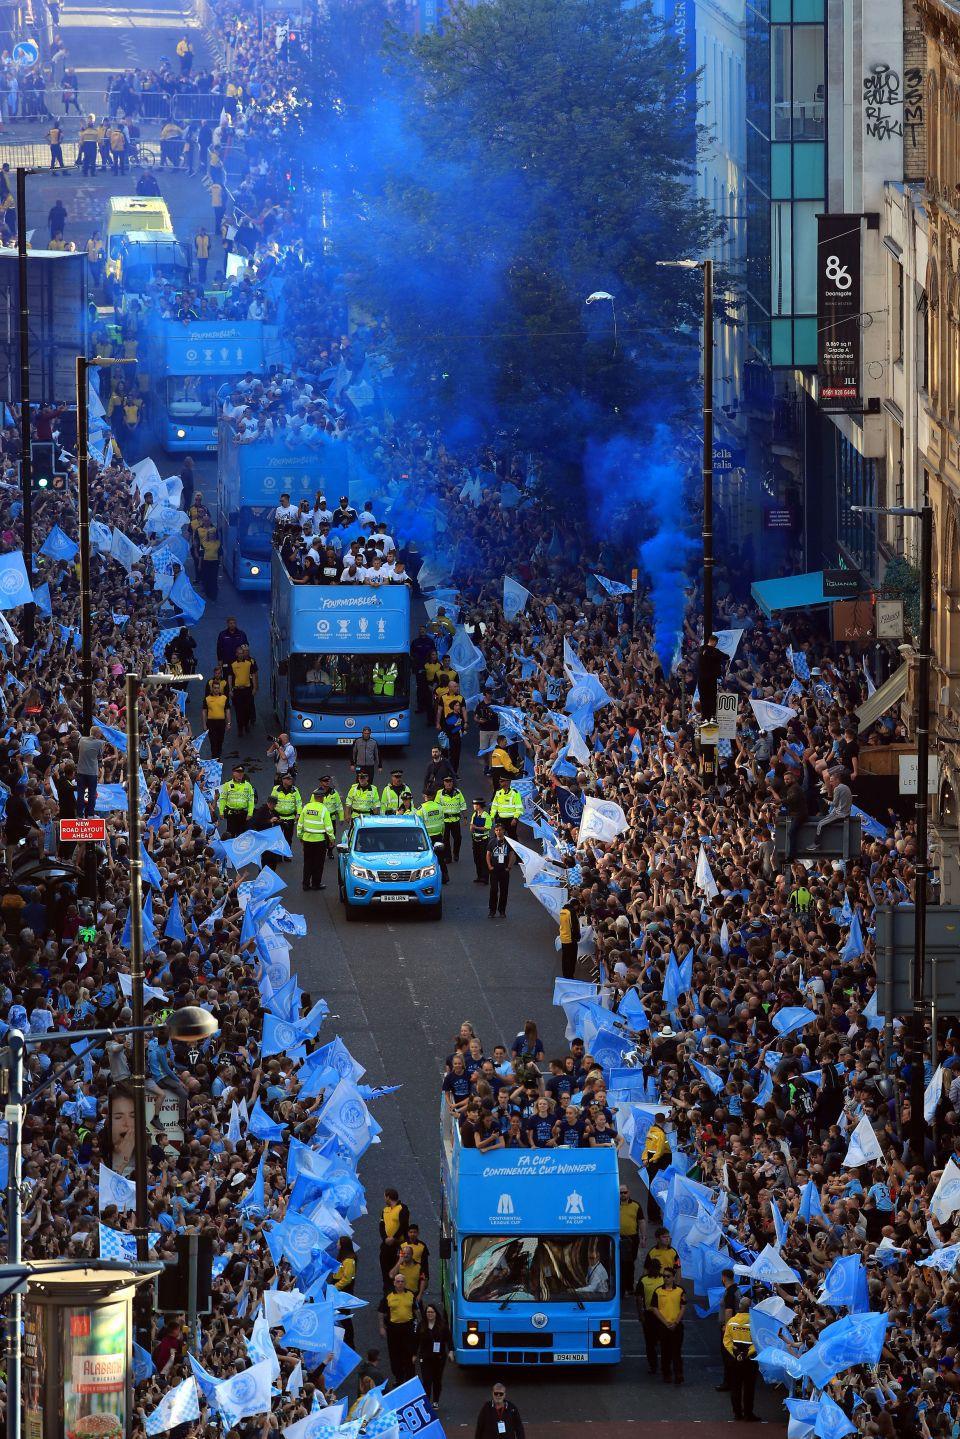 Những khoảnh khắc đẹp trong lễ diễu hành mừng cú ăn 4 danh hiệu nội địa của Man City - Ảnh 4.